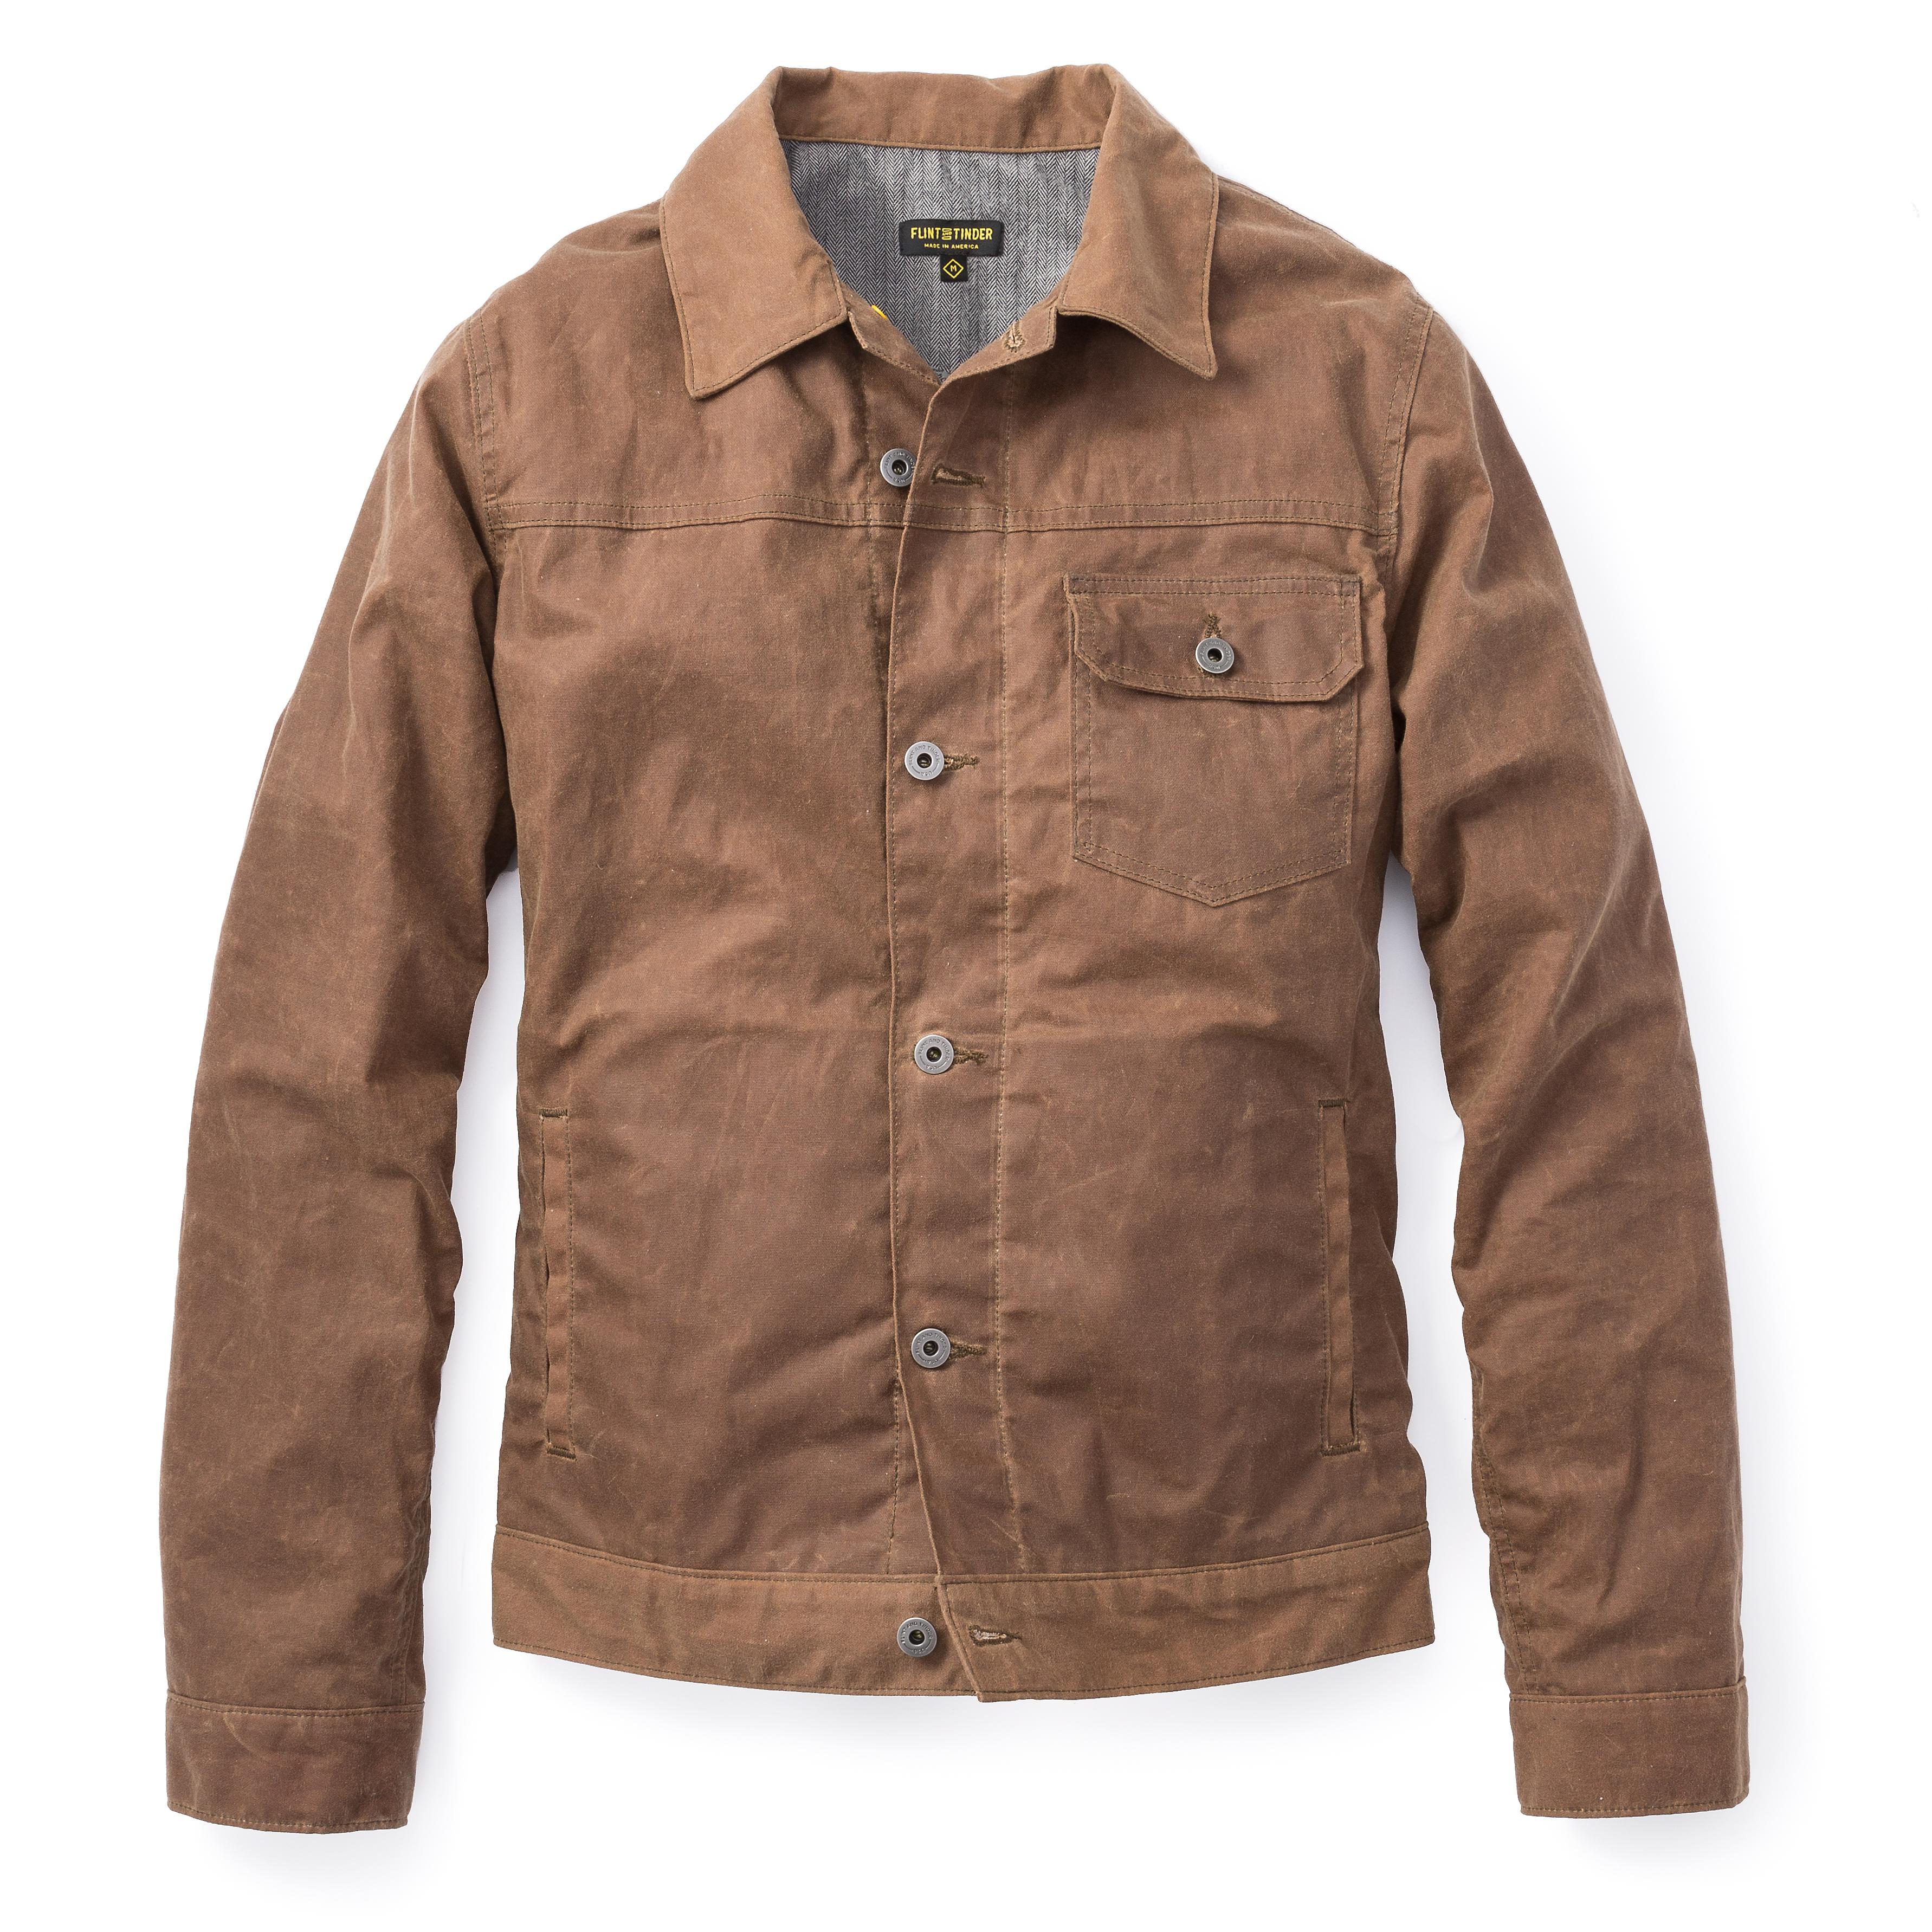 Waxed Jackets 4eukjp4nkz flint and tinder flannel lined waxed trucker jacket waxed jackets  0 original AZJCXIR